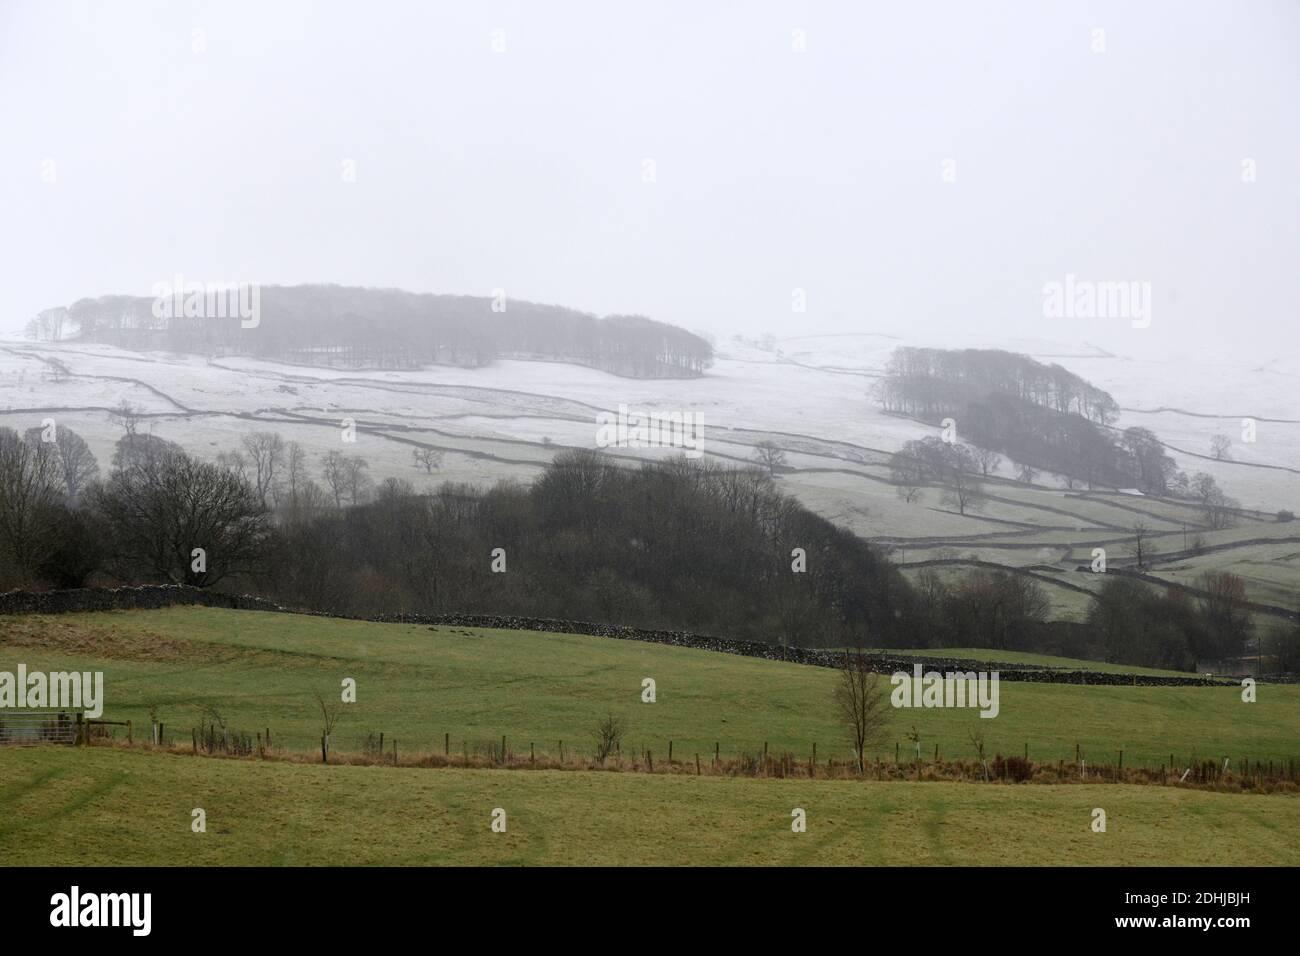 La photo est une scène neigeuse dans les Yorkshire Dales au-dessus de la montagne. Météo neige hiver neige neige neige neige neige neige neige Banque D'Images